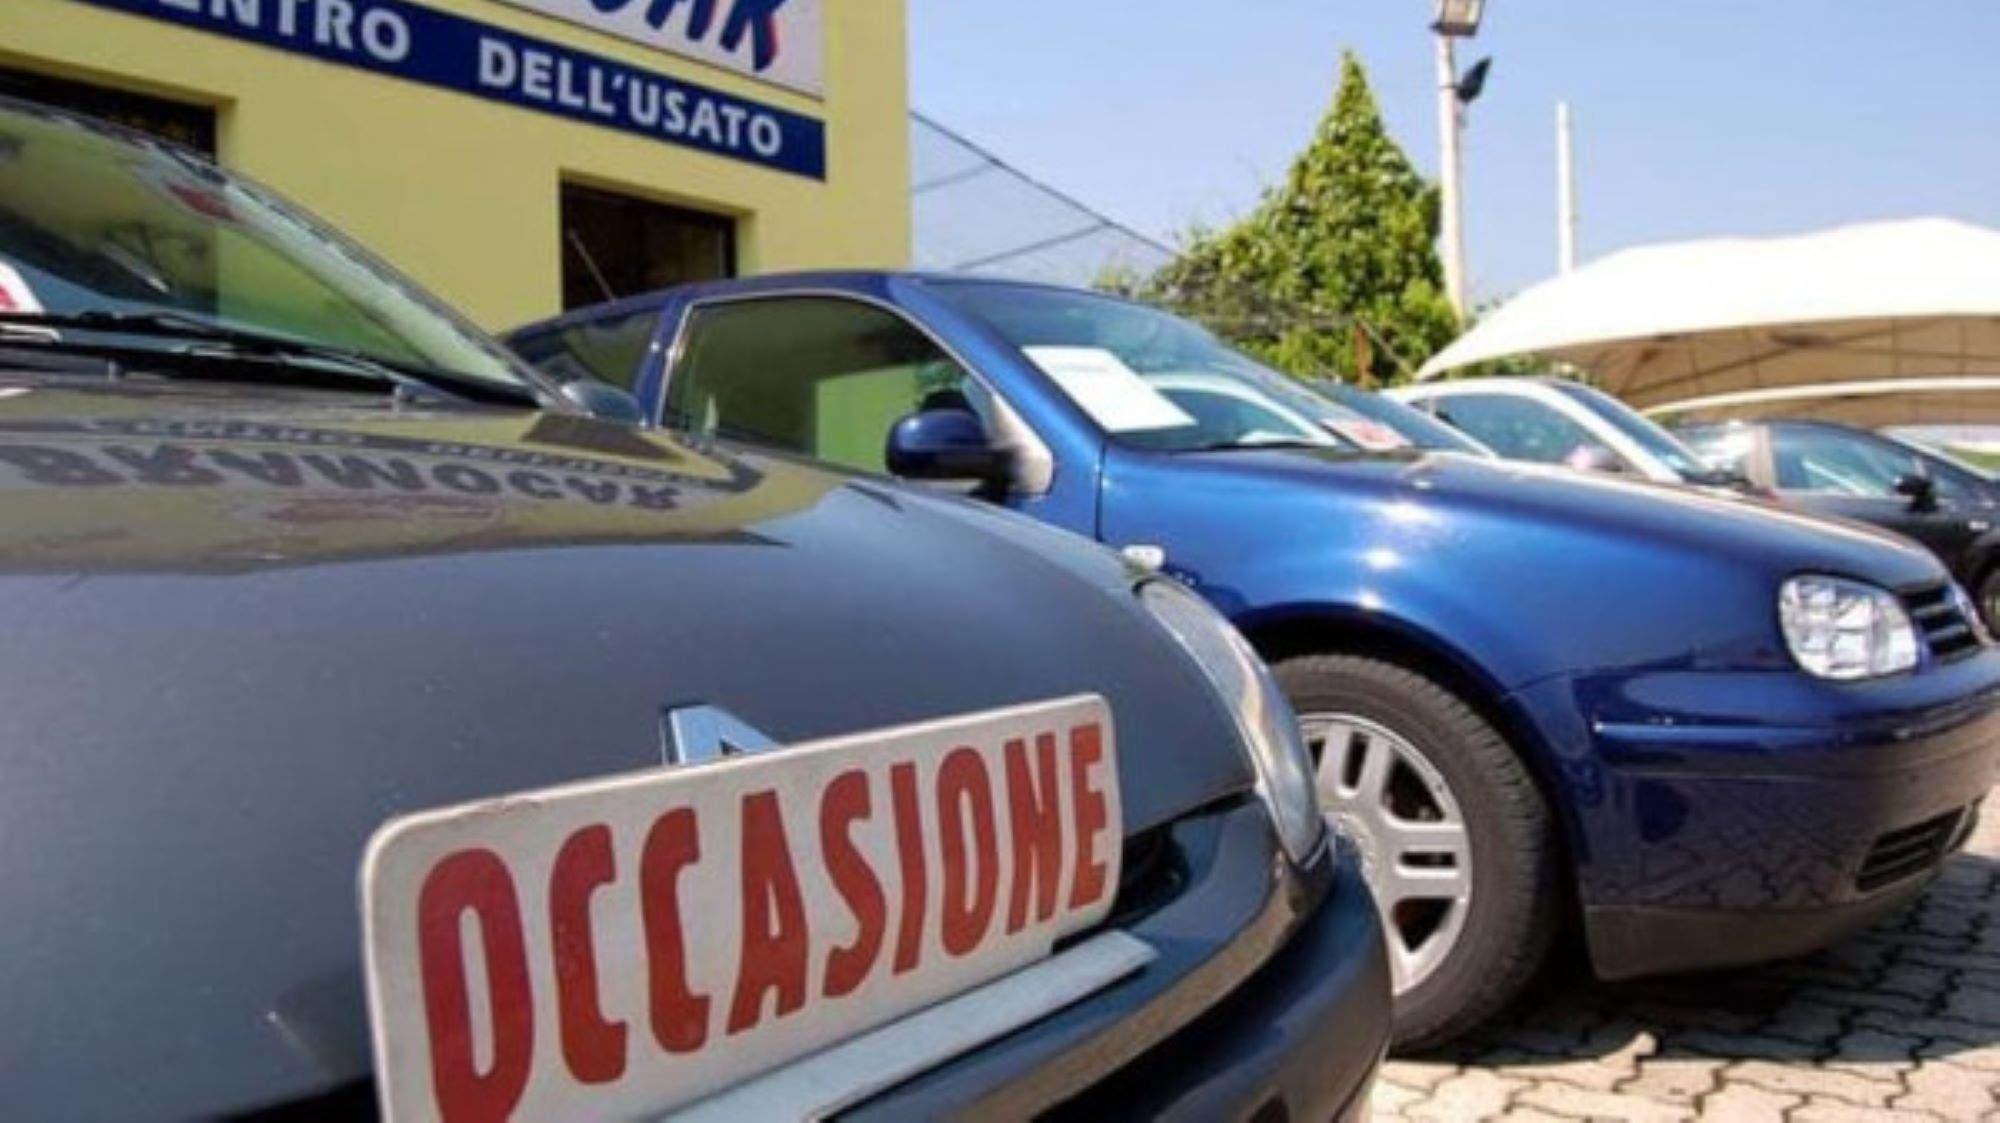 ClubAuto - Autocerta per comprare auto usate